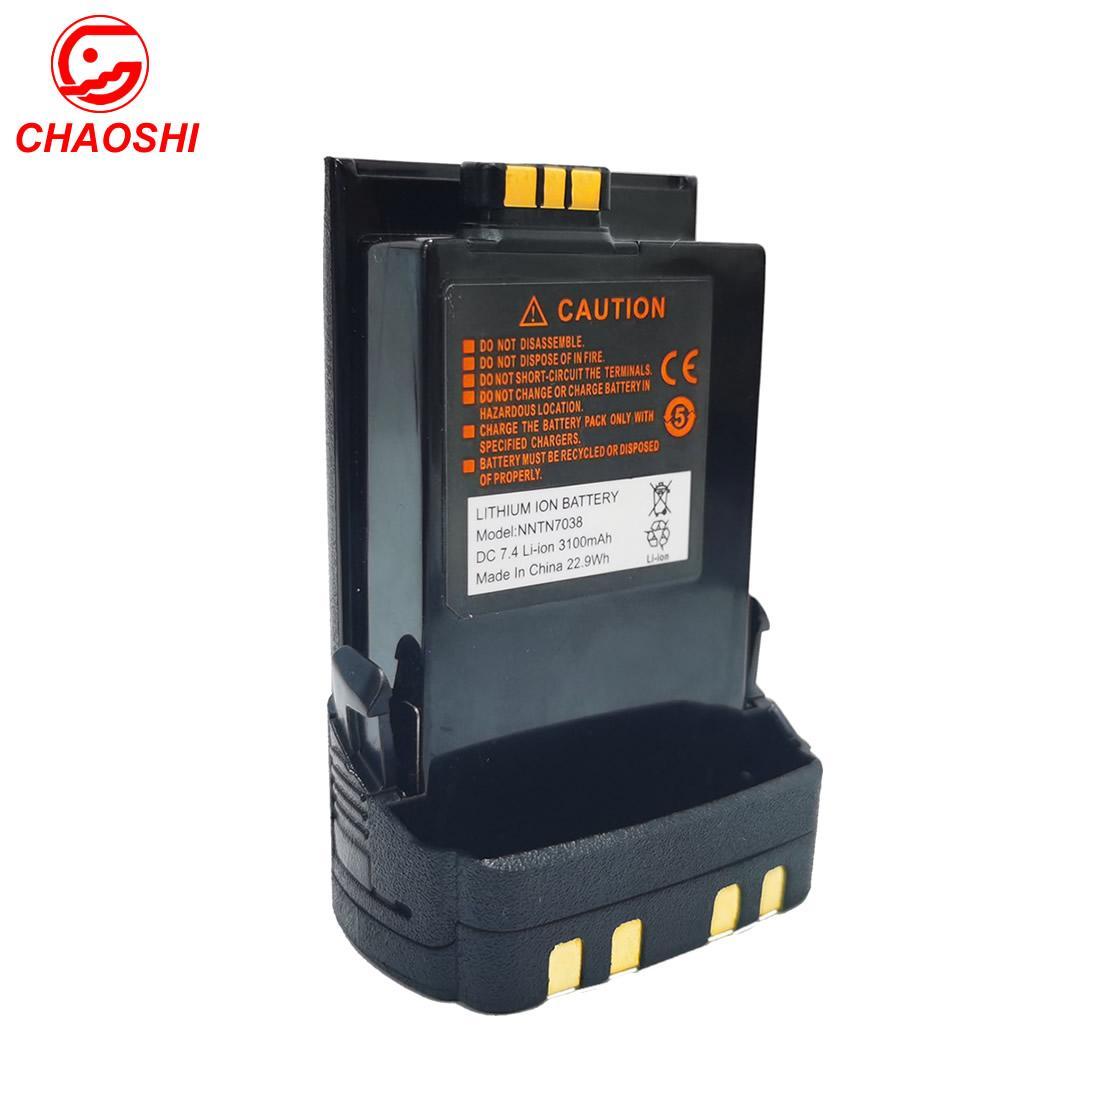 APX7000對講機電池NNTN7038 6